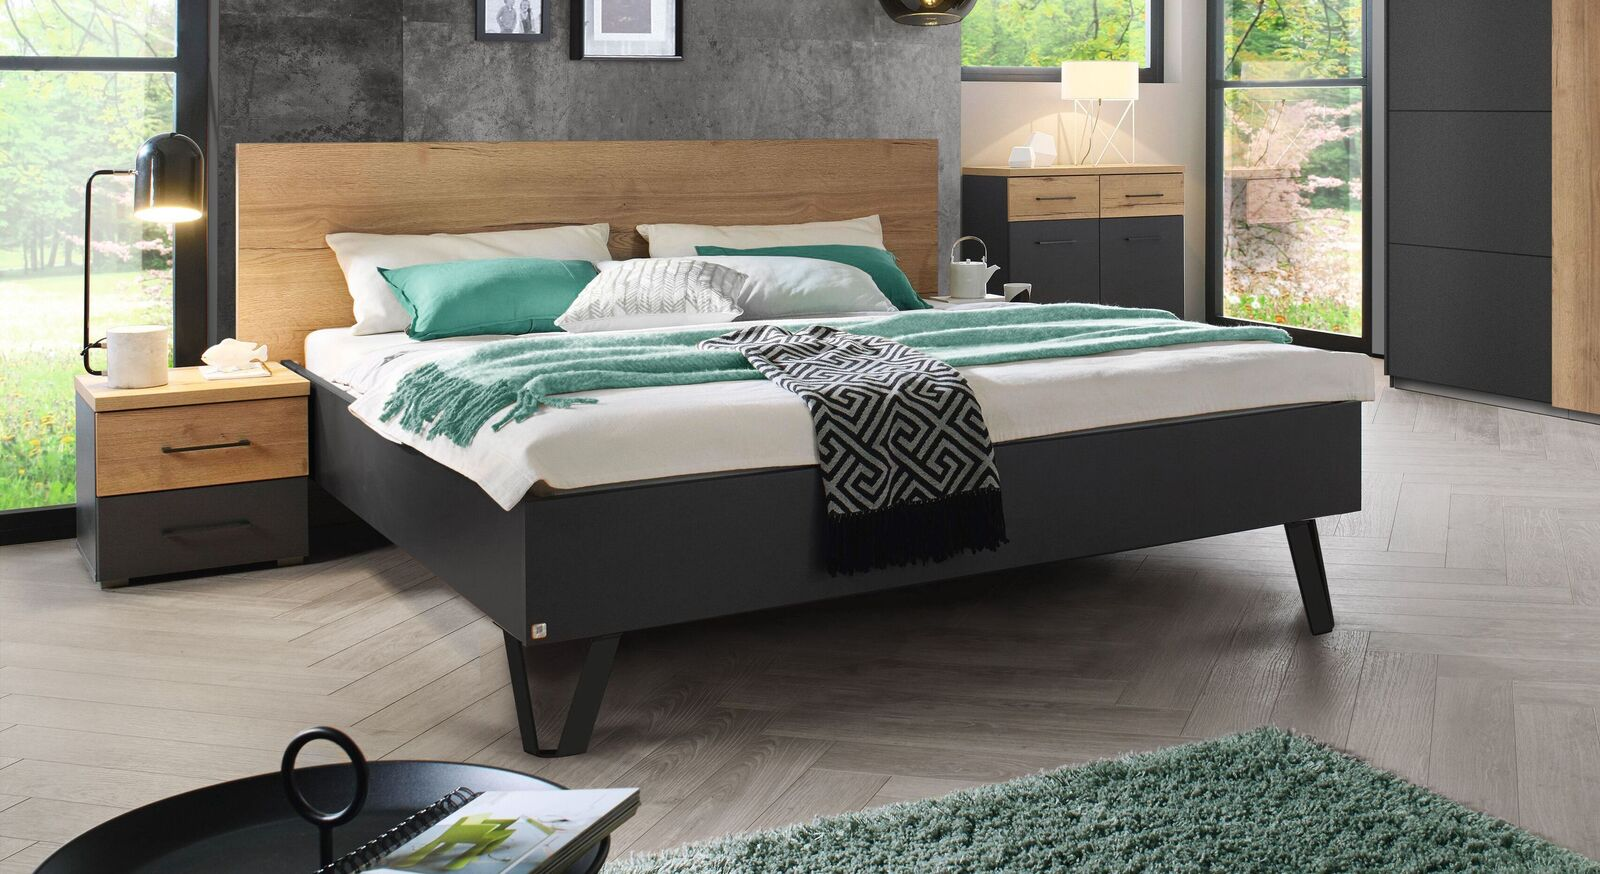 Modernes Bett Azra mit dunklem Bettrahmen